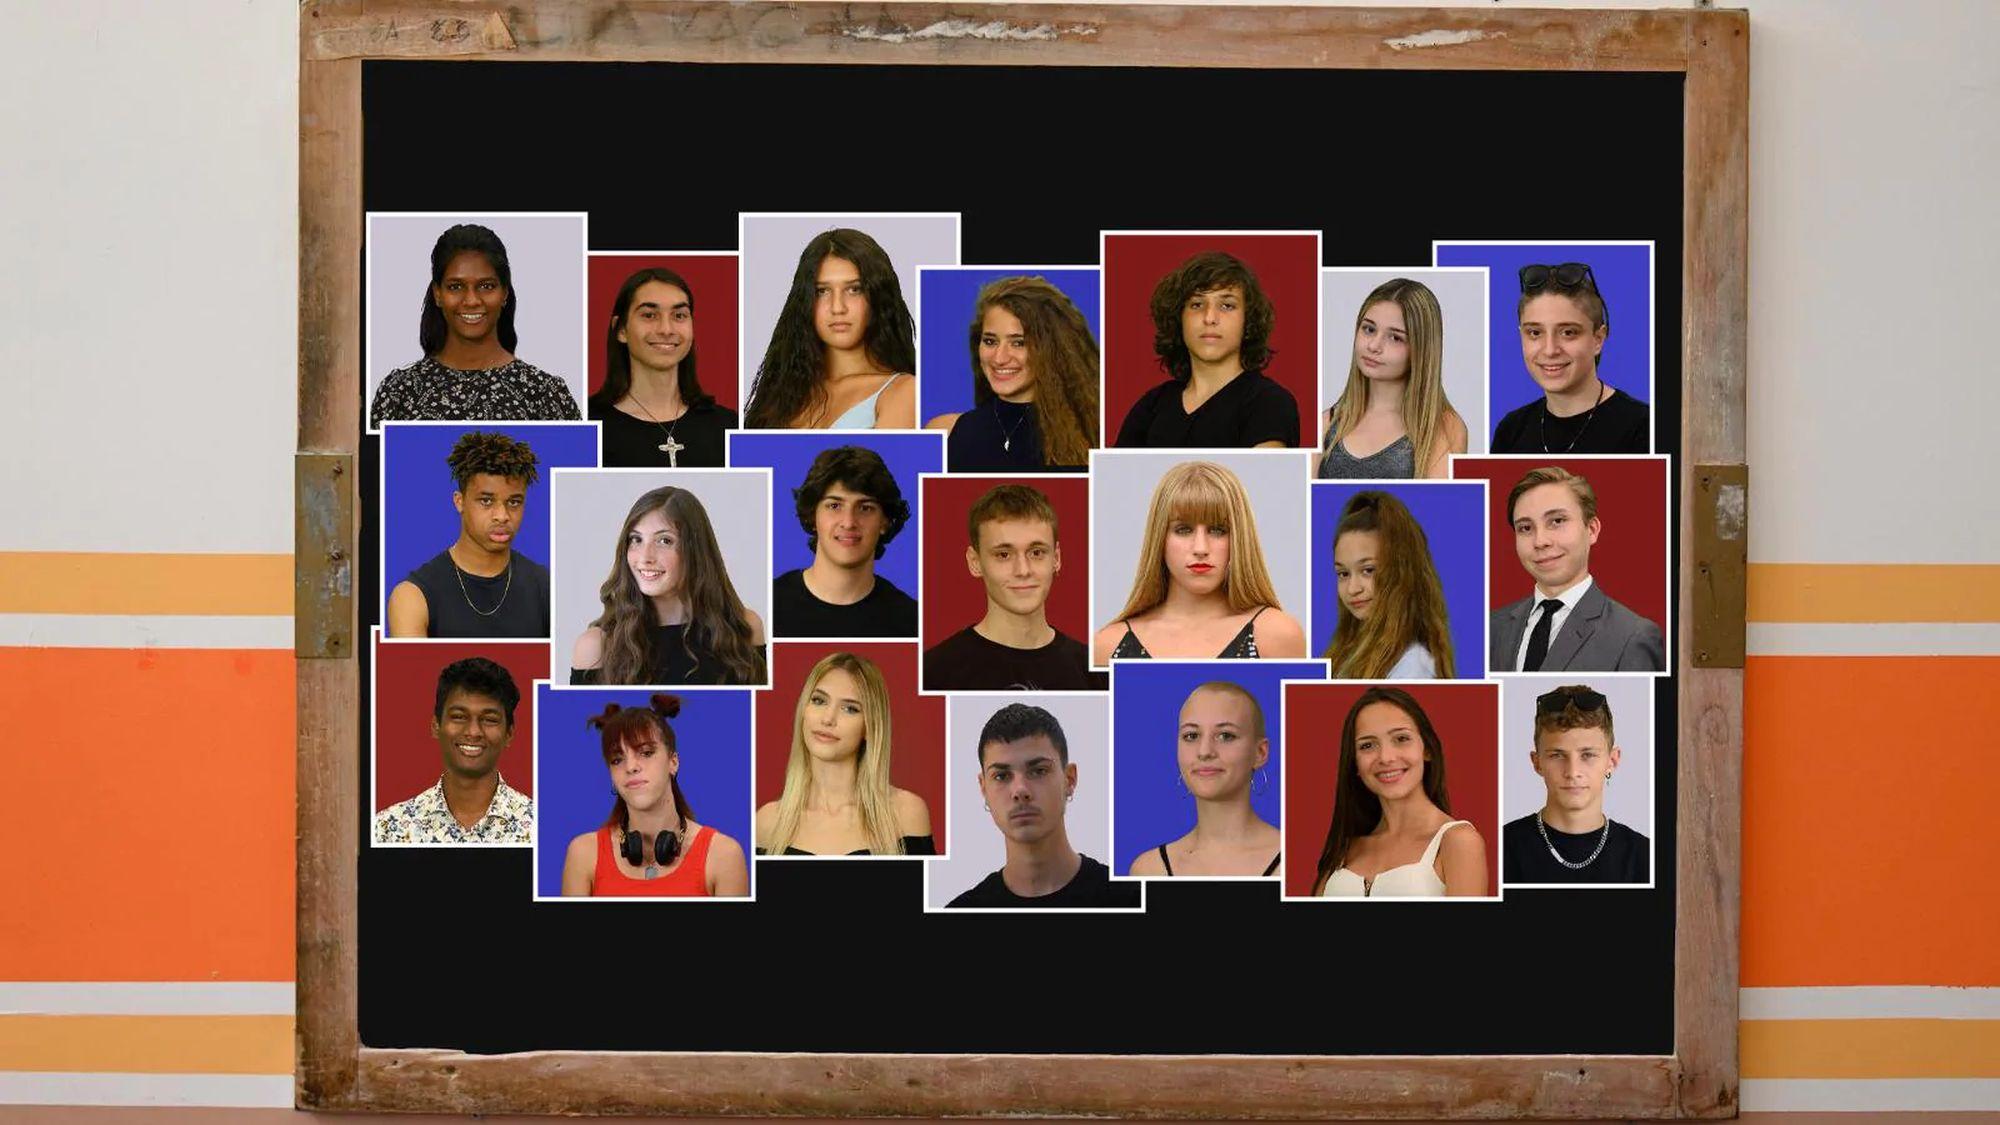 Il Collegio 5: anticipazioni, cast e personaggi terza puntata